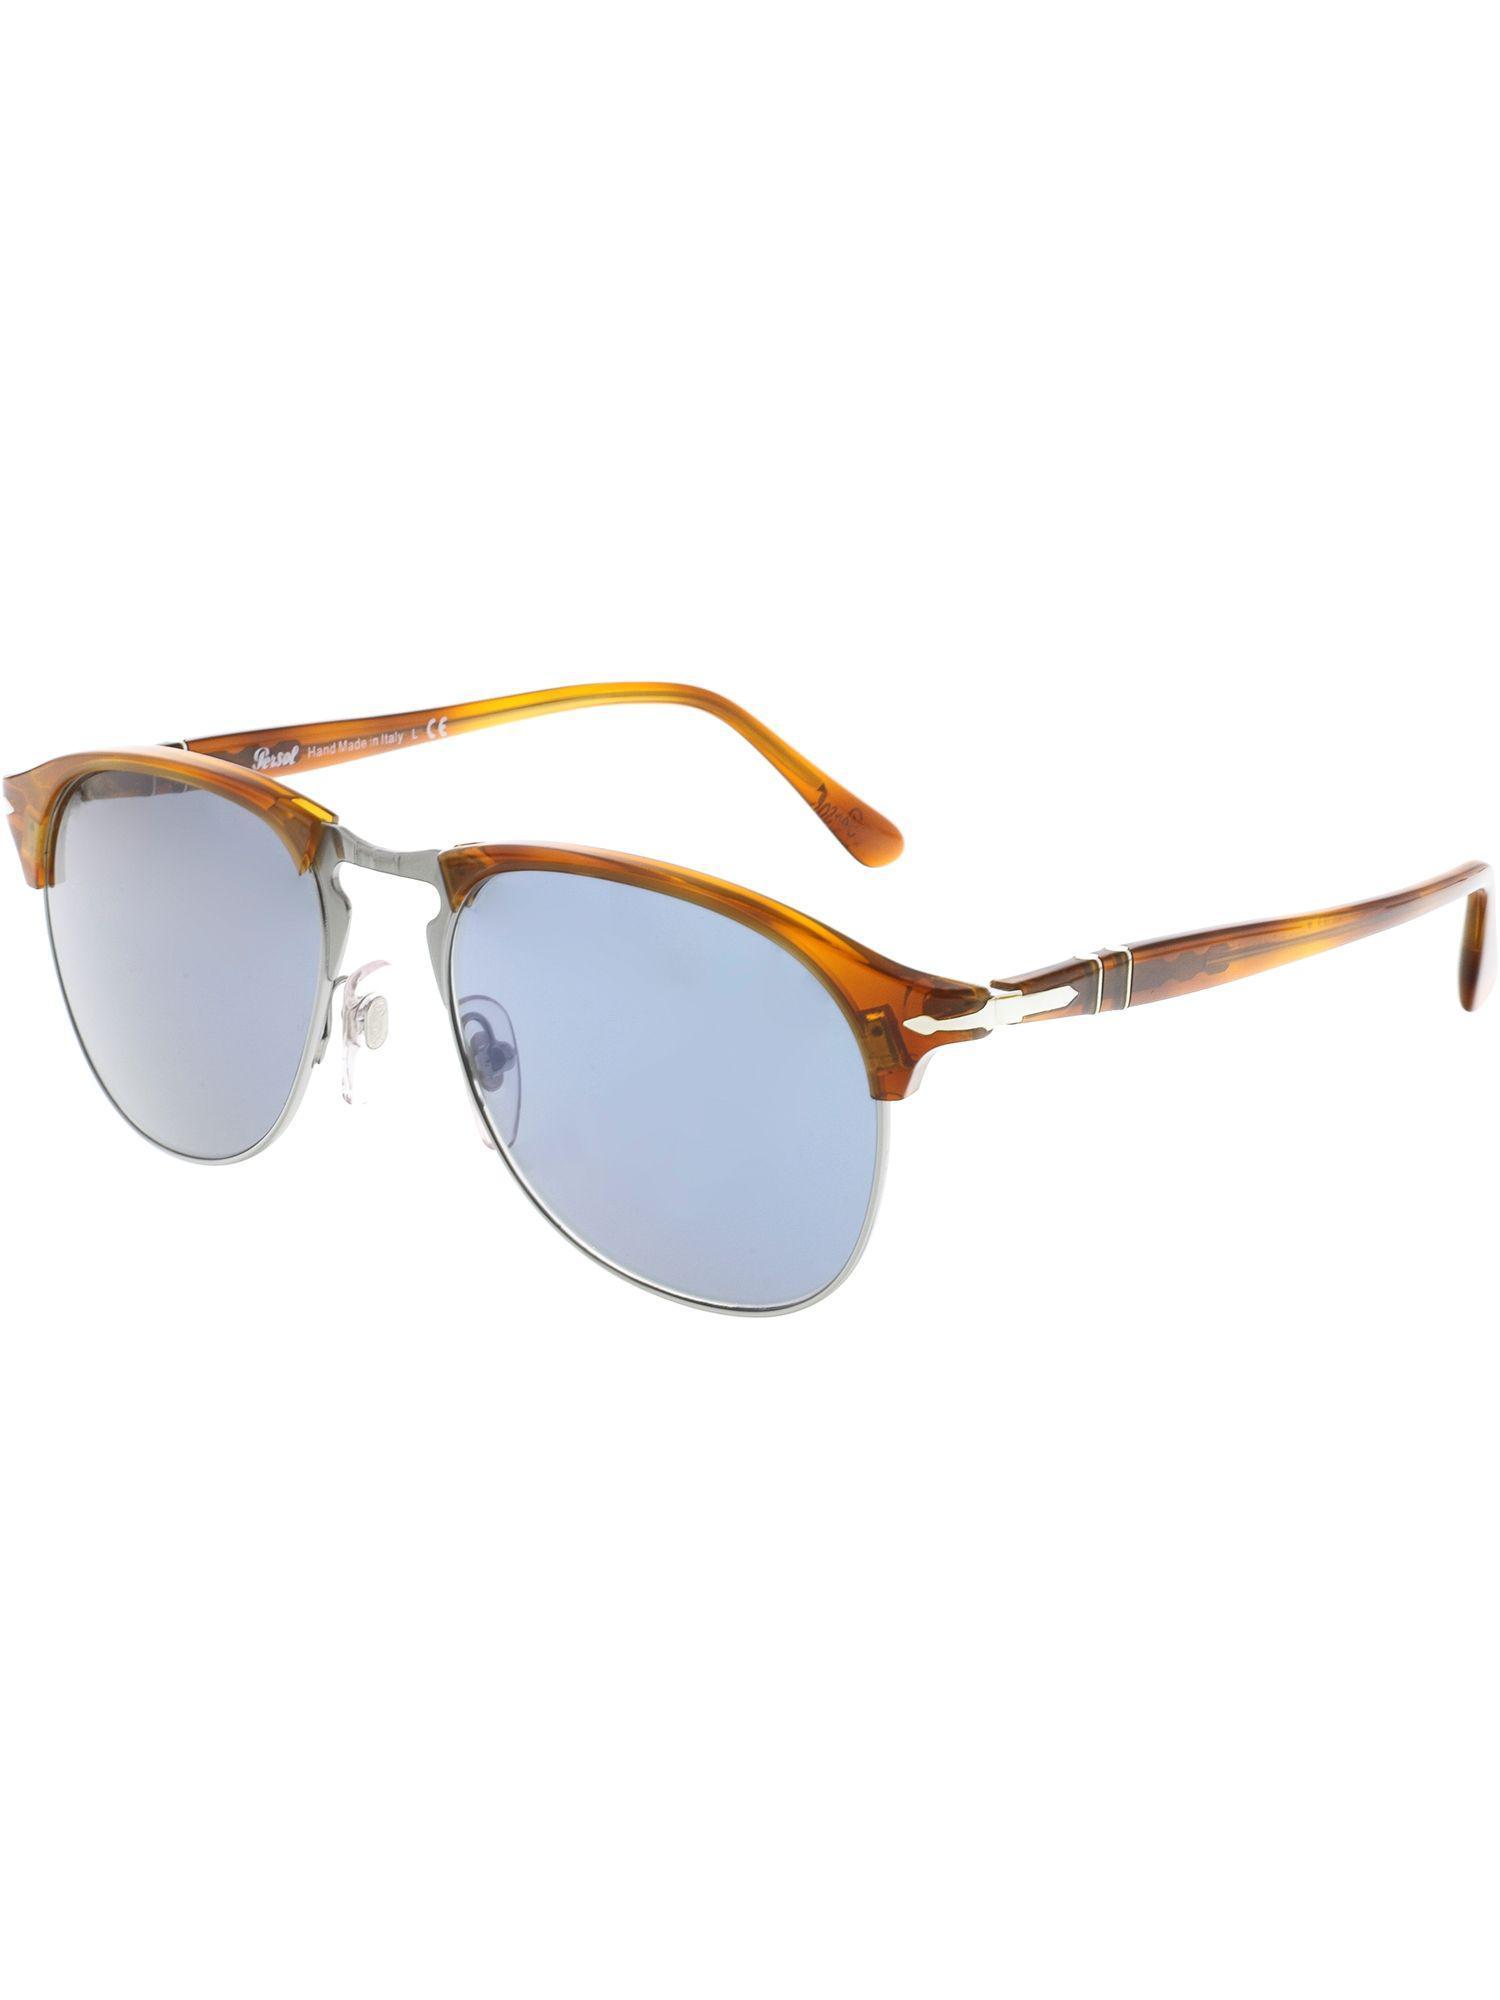 3e6f806fa4dd3 Lyst - Persol Men s Mirrored Po8649s-96 56-53 Brown Oval Sunglasses ...